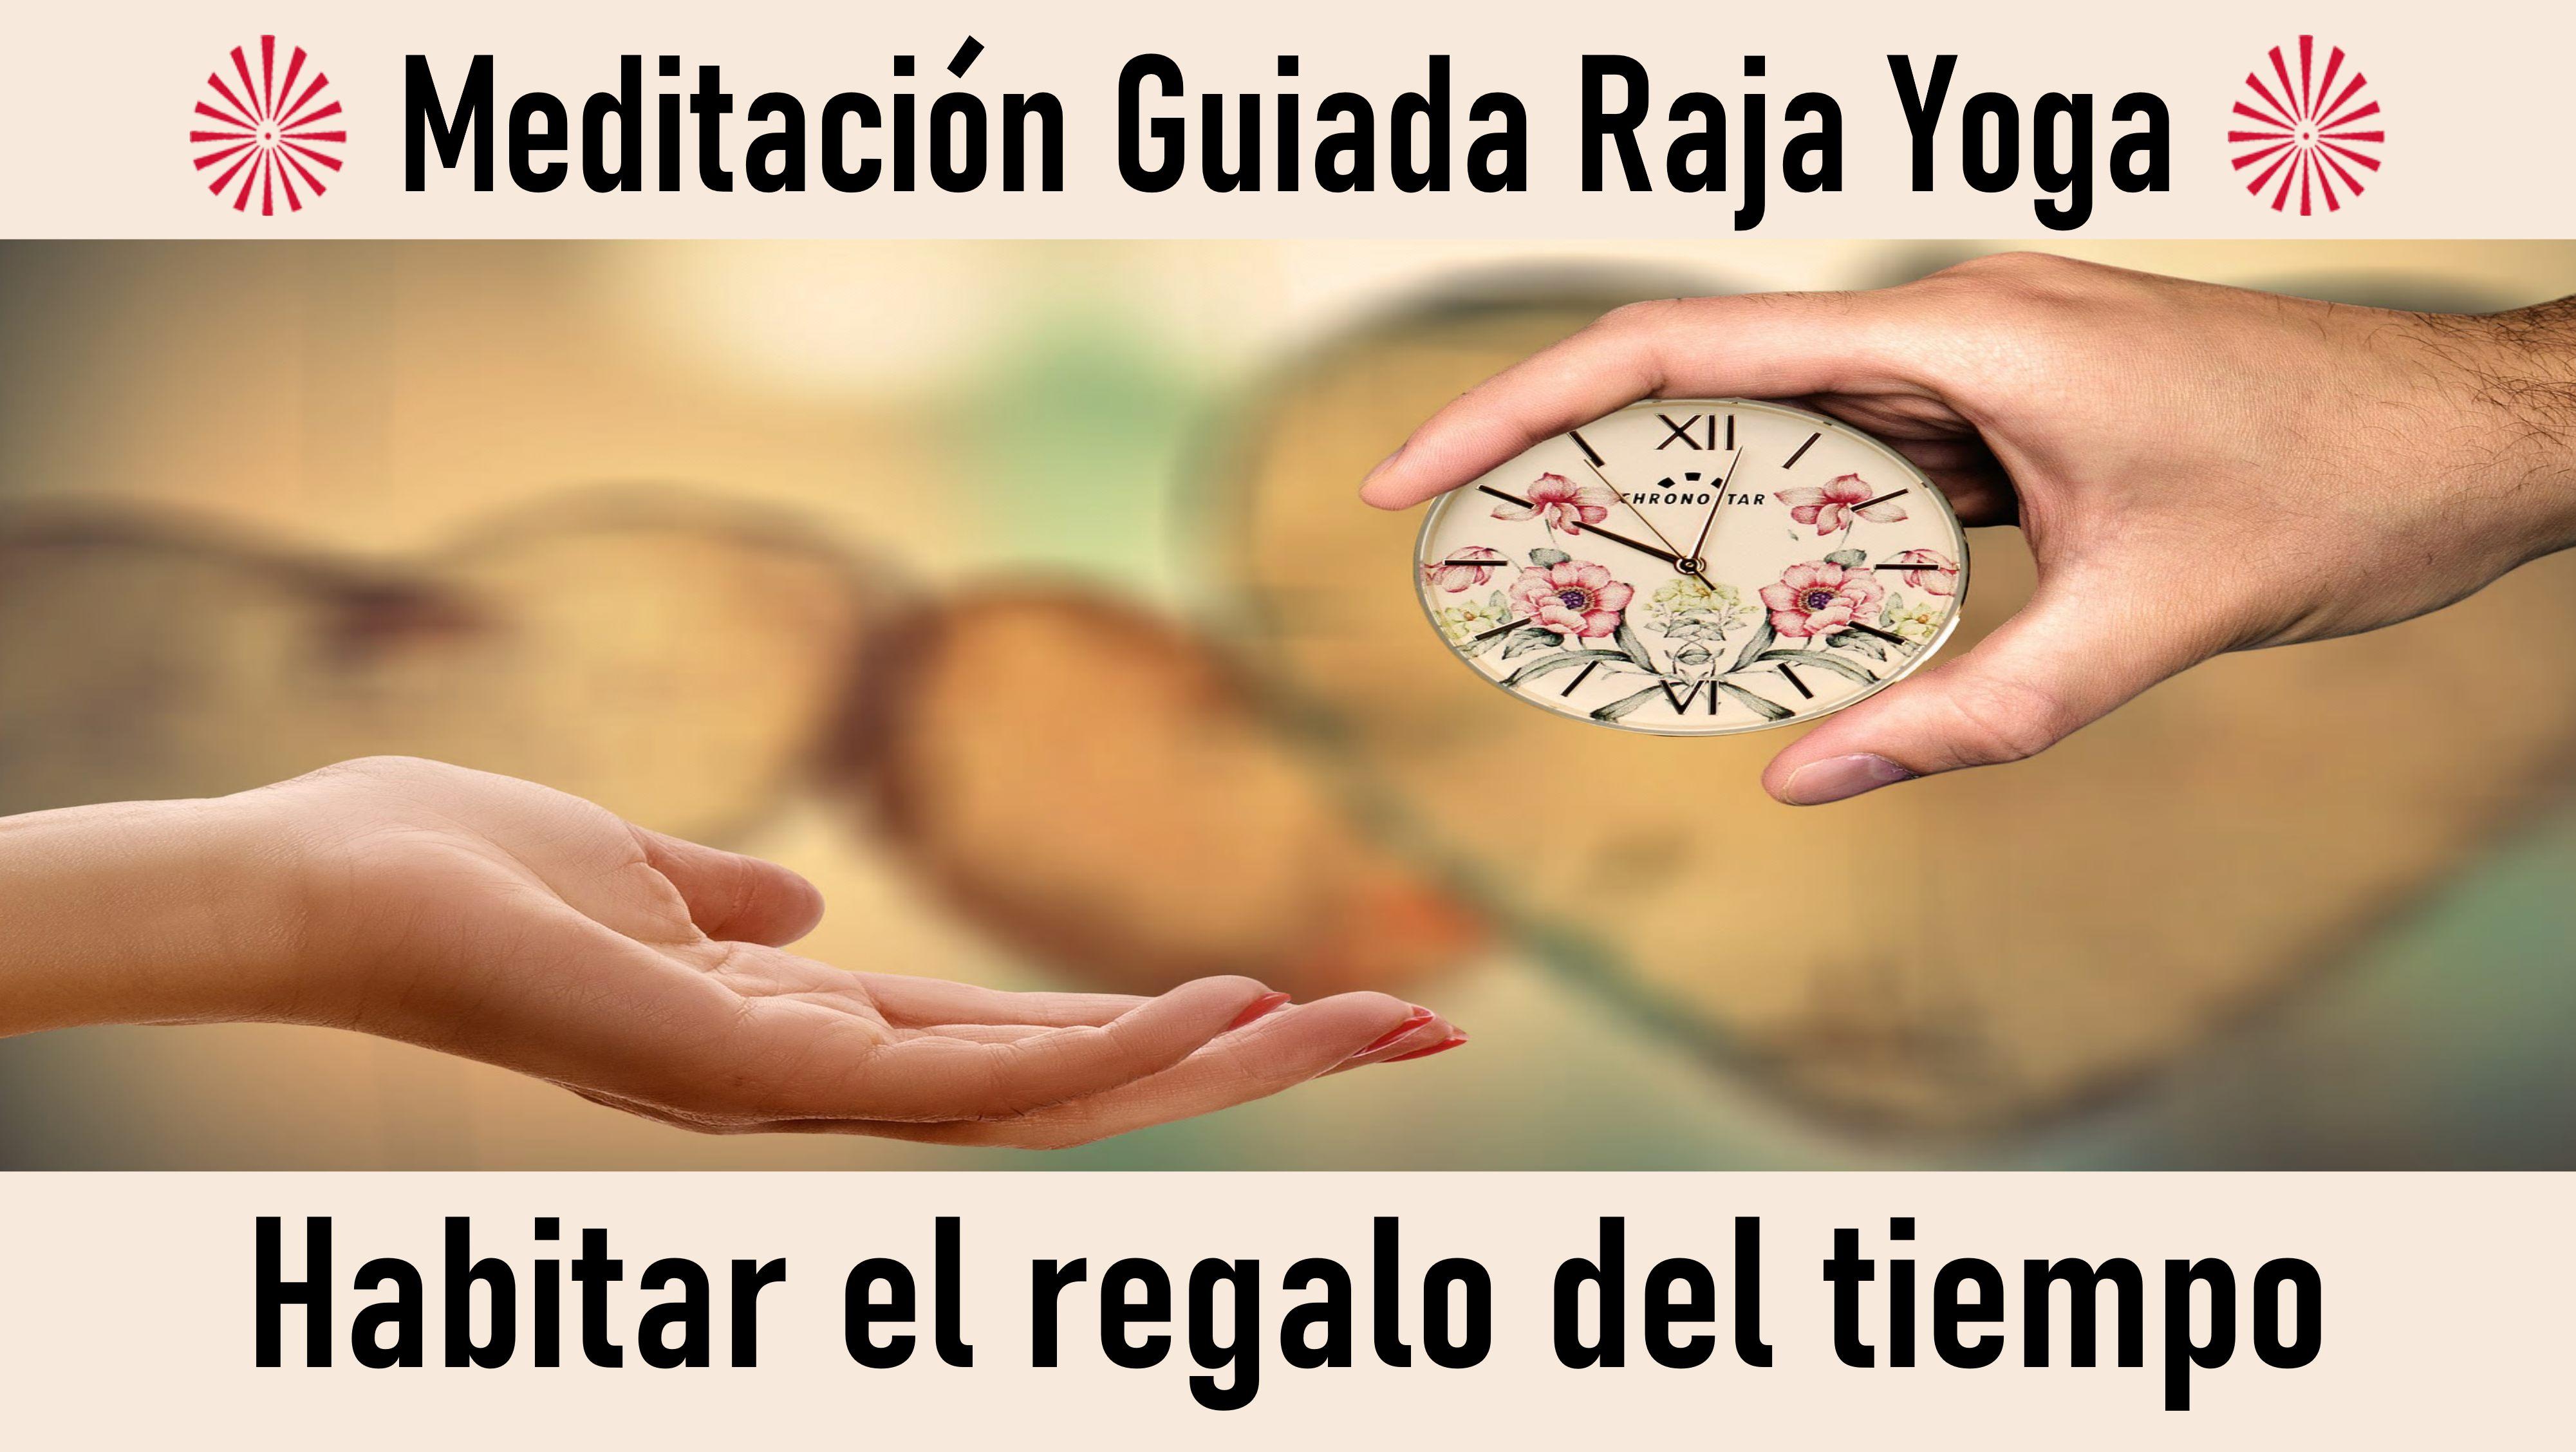 9 Octubre 2020 Meditación guiada: Habitar el regalo del tiempo